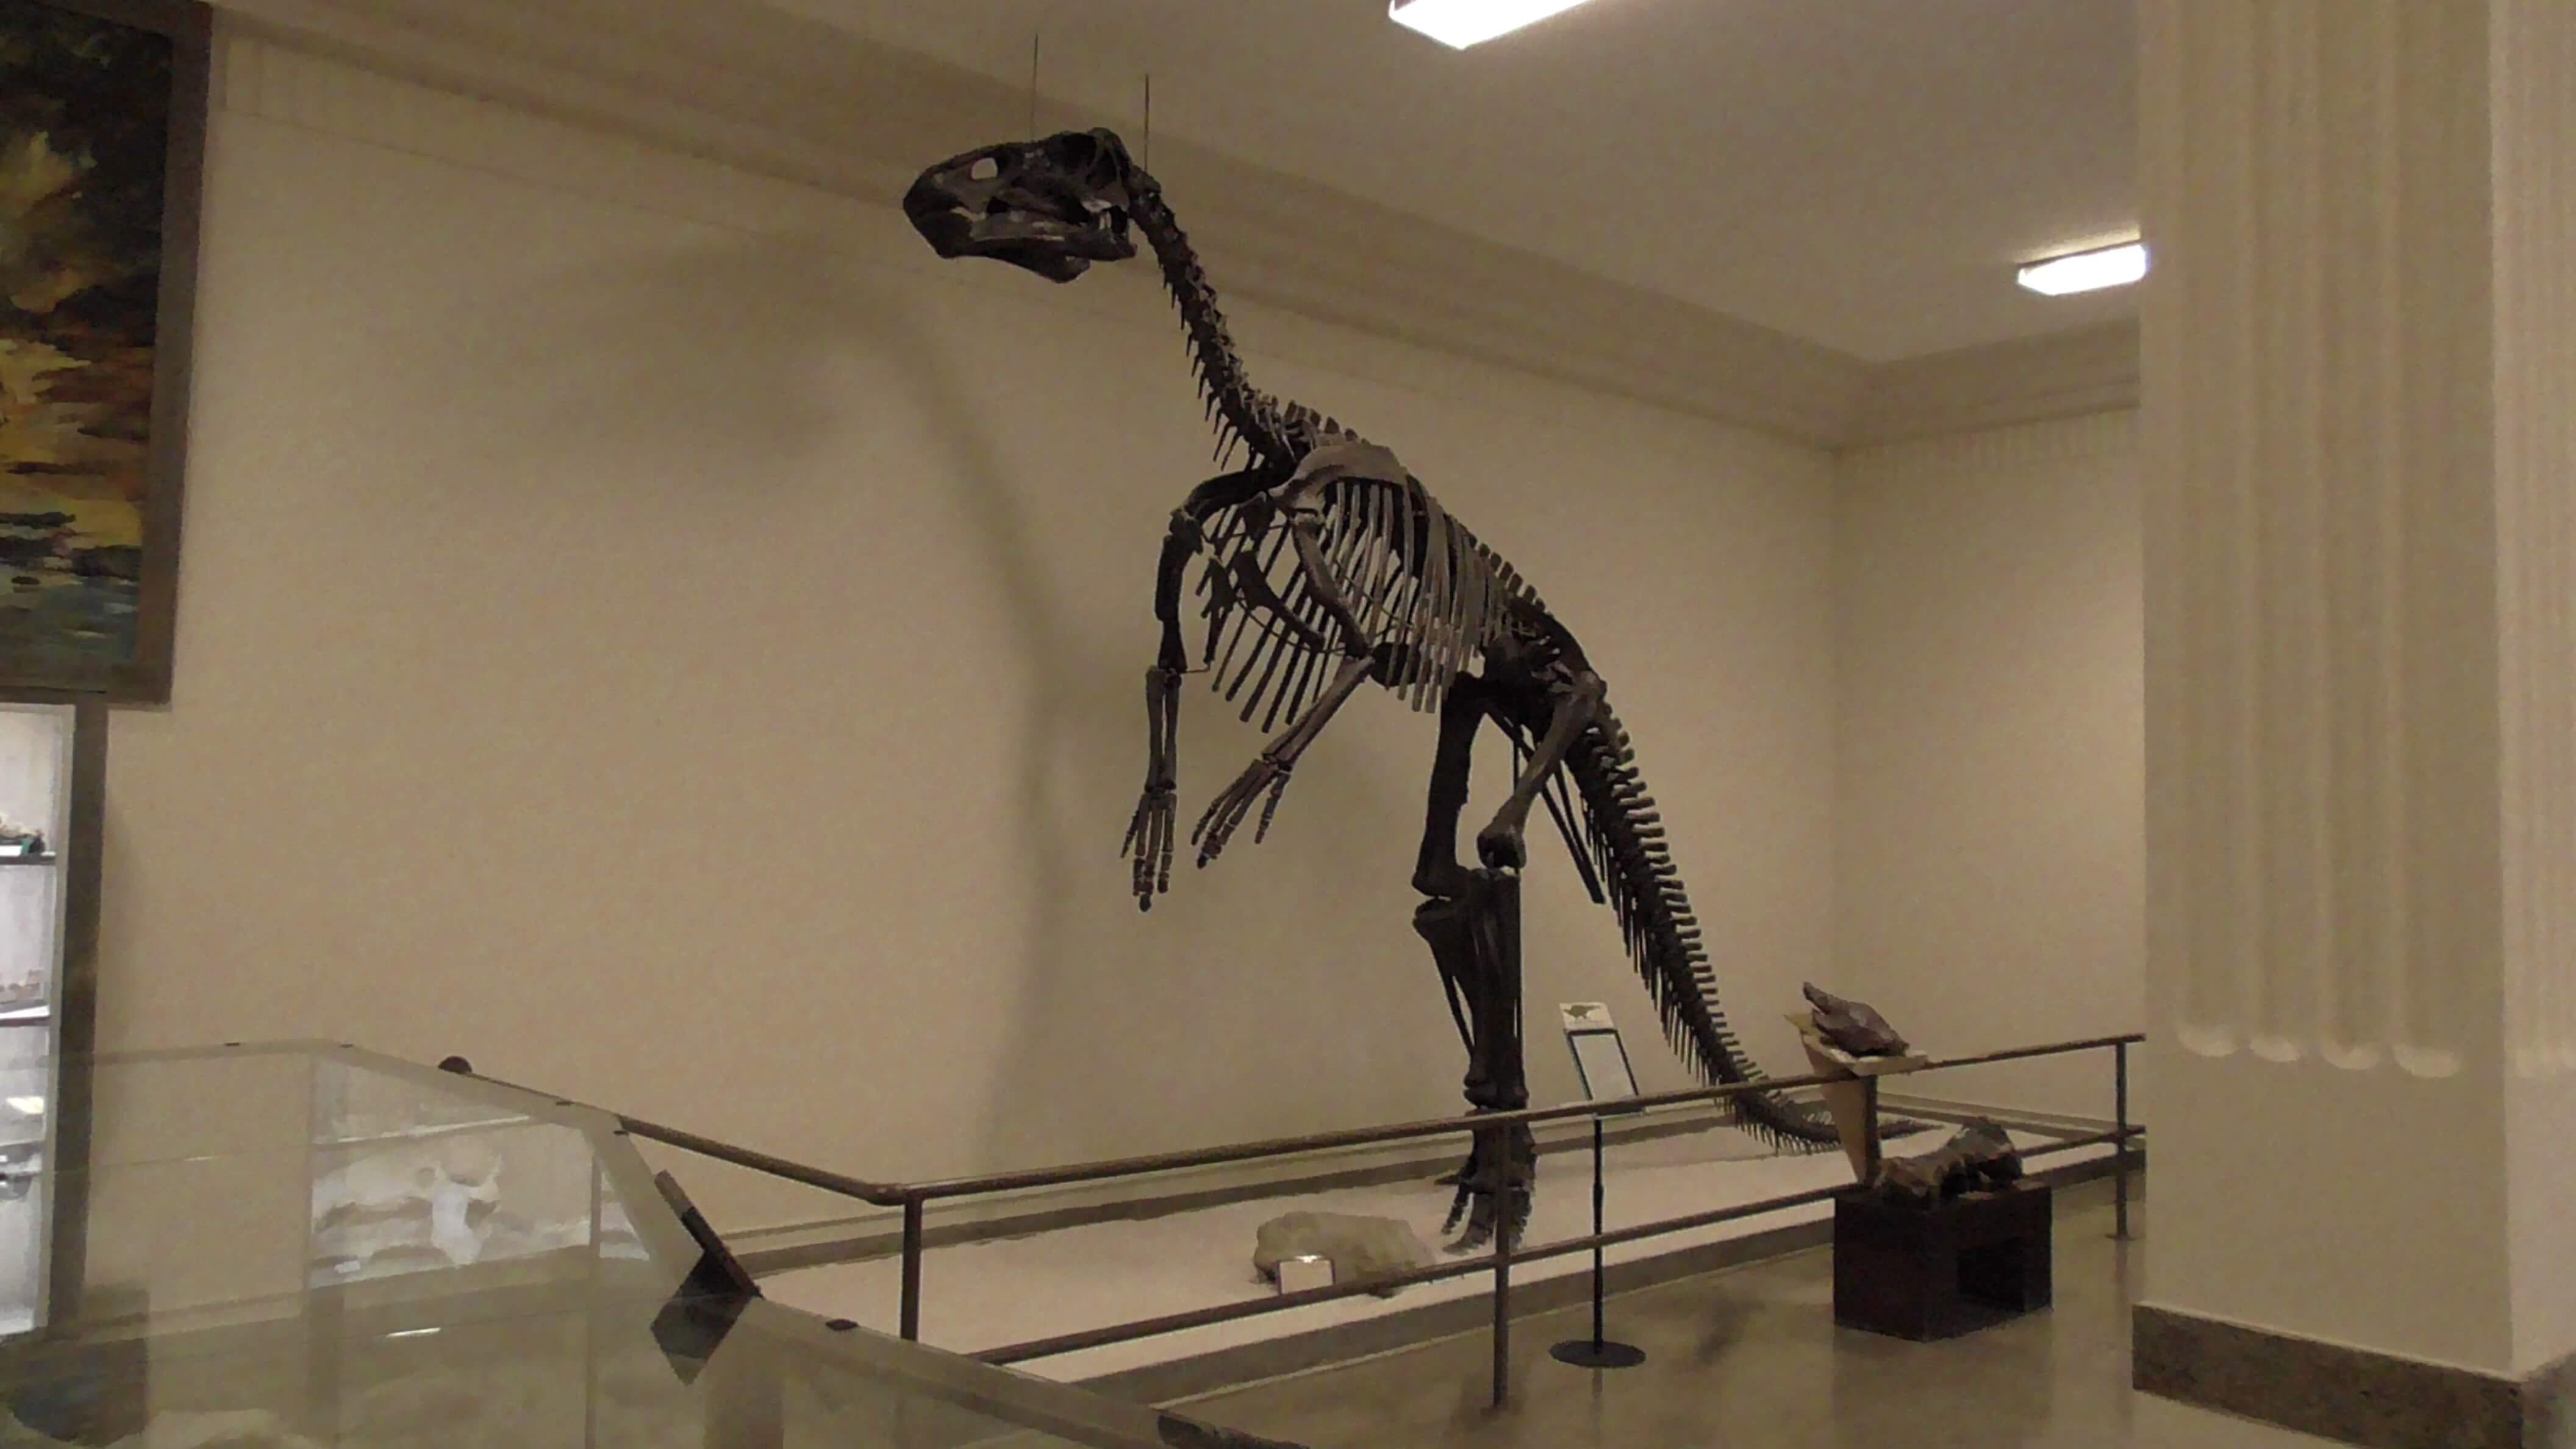 Duckbill (Hadrosaur)